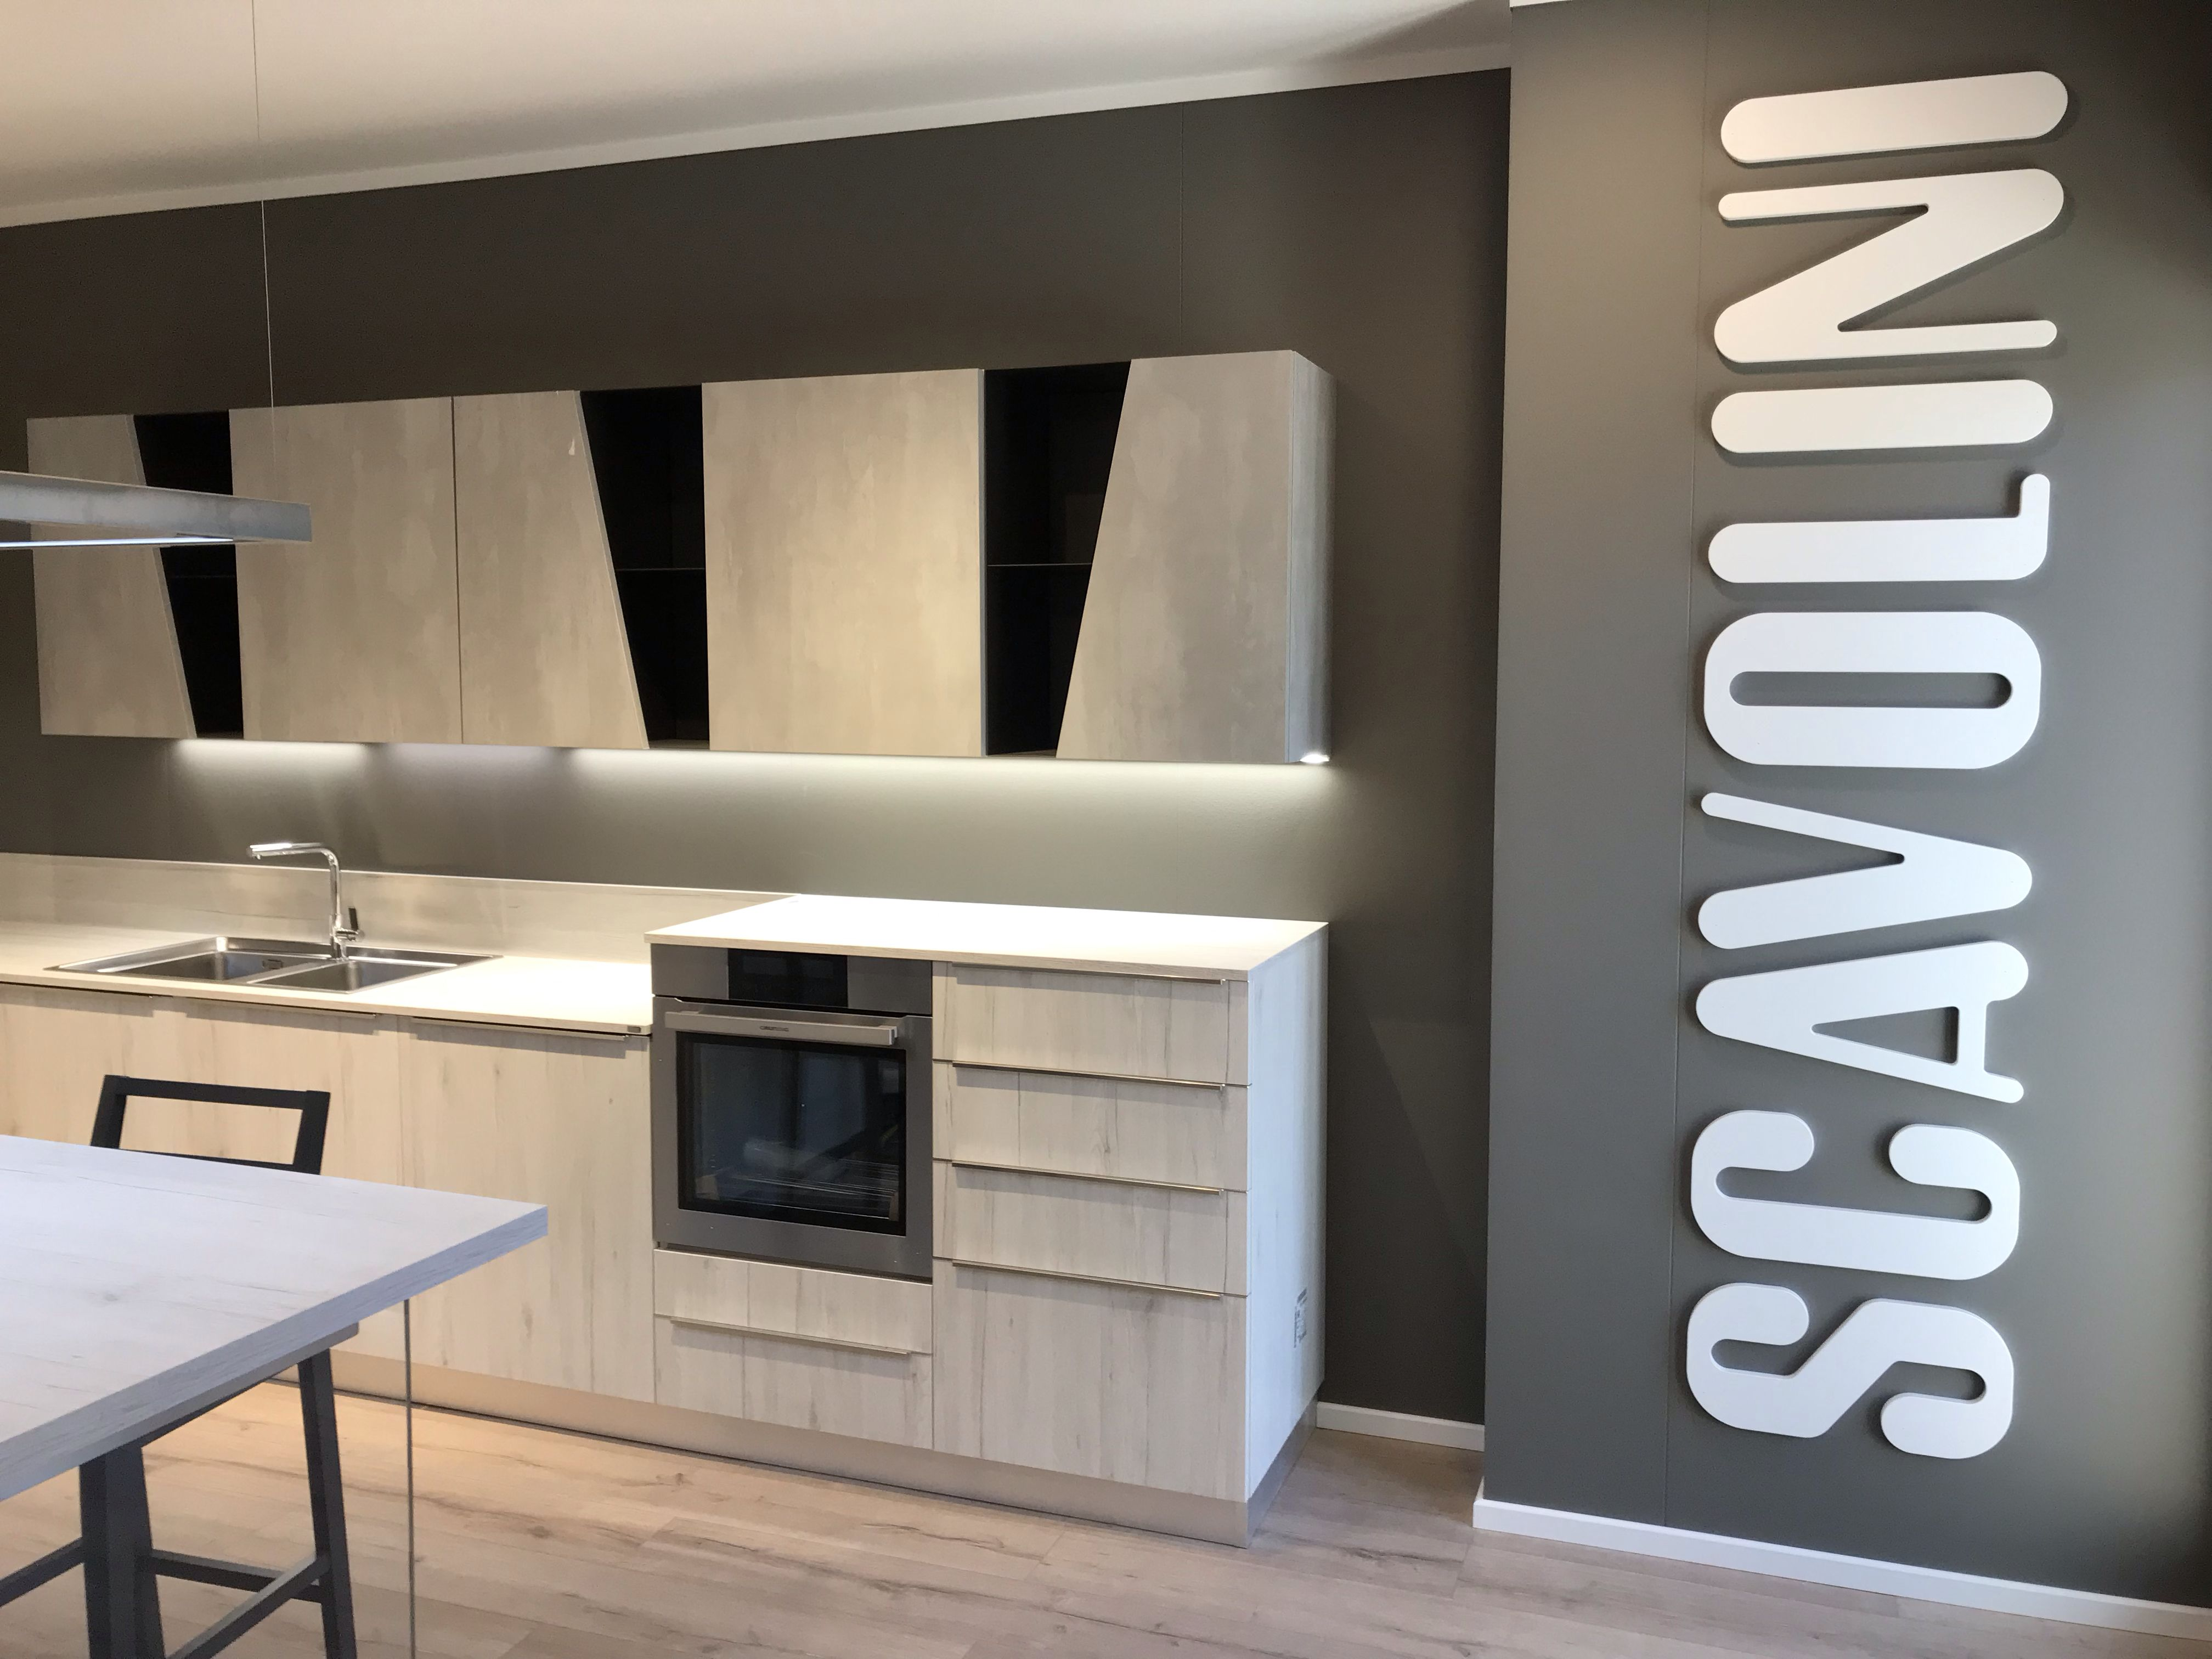 Nuove cucine Scavolini in esposizione presso il punto ...